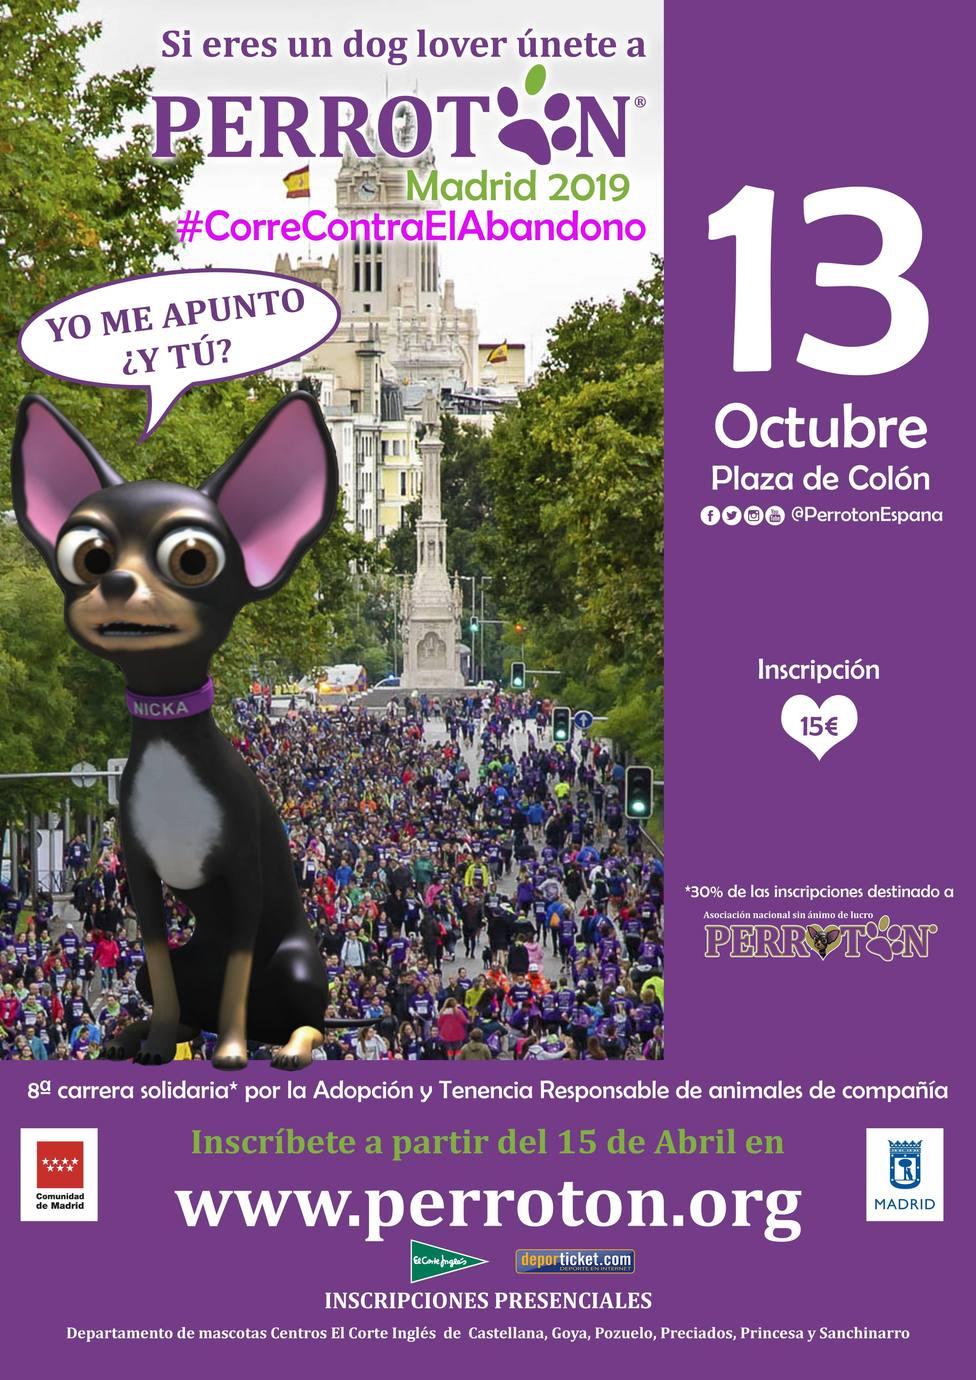 Perrotón Madrid organiza una carrera solidaria en octubre para promover y fomentar la adopción y tenencia responsable